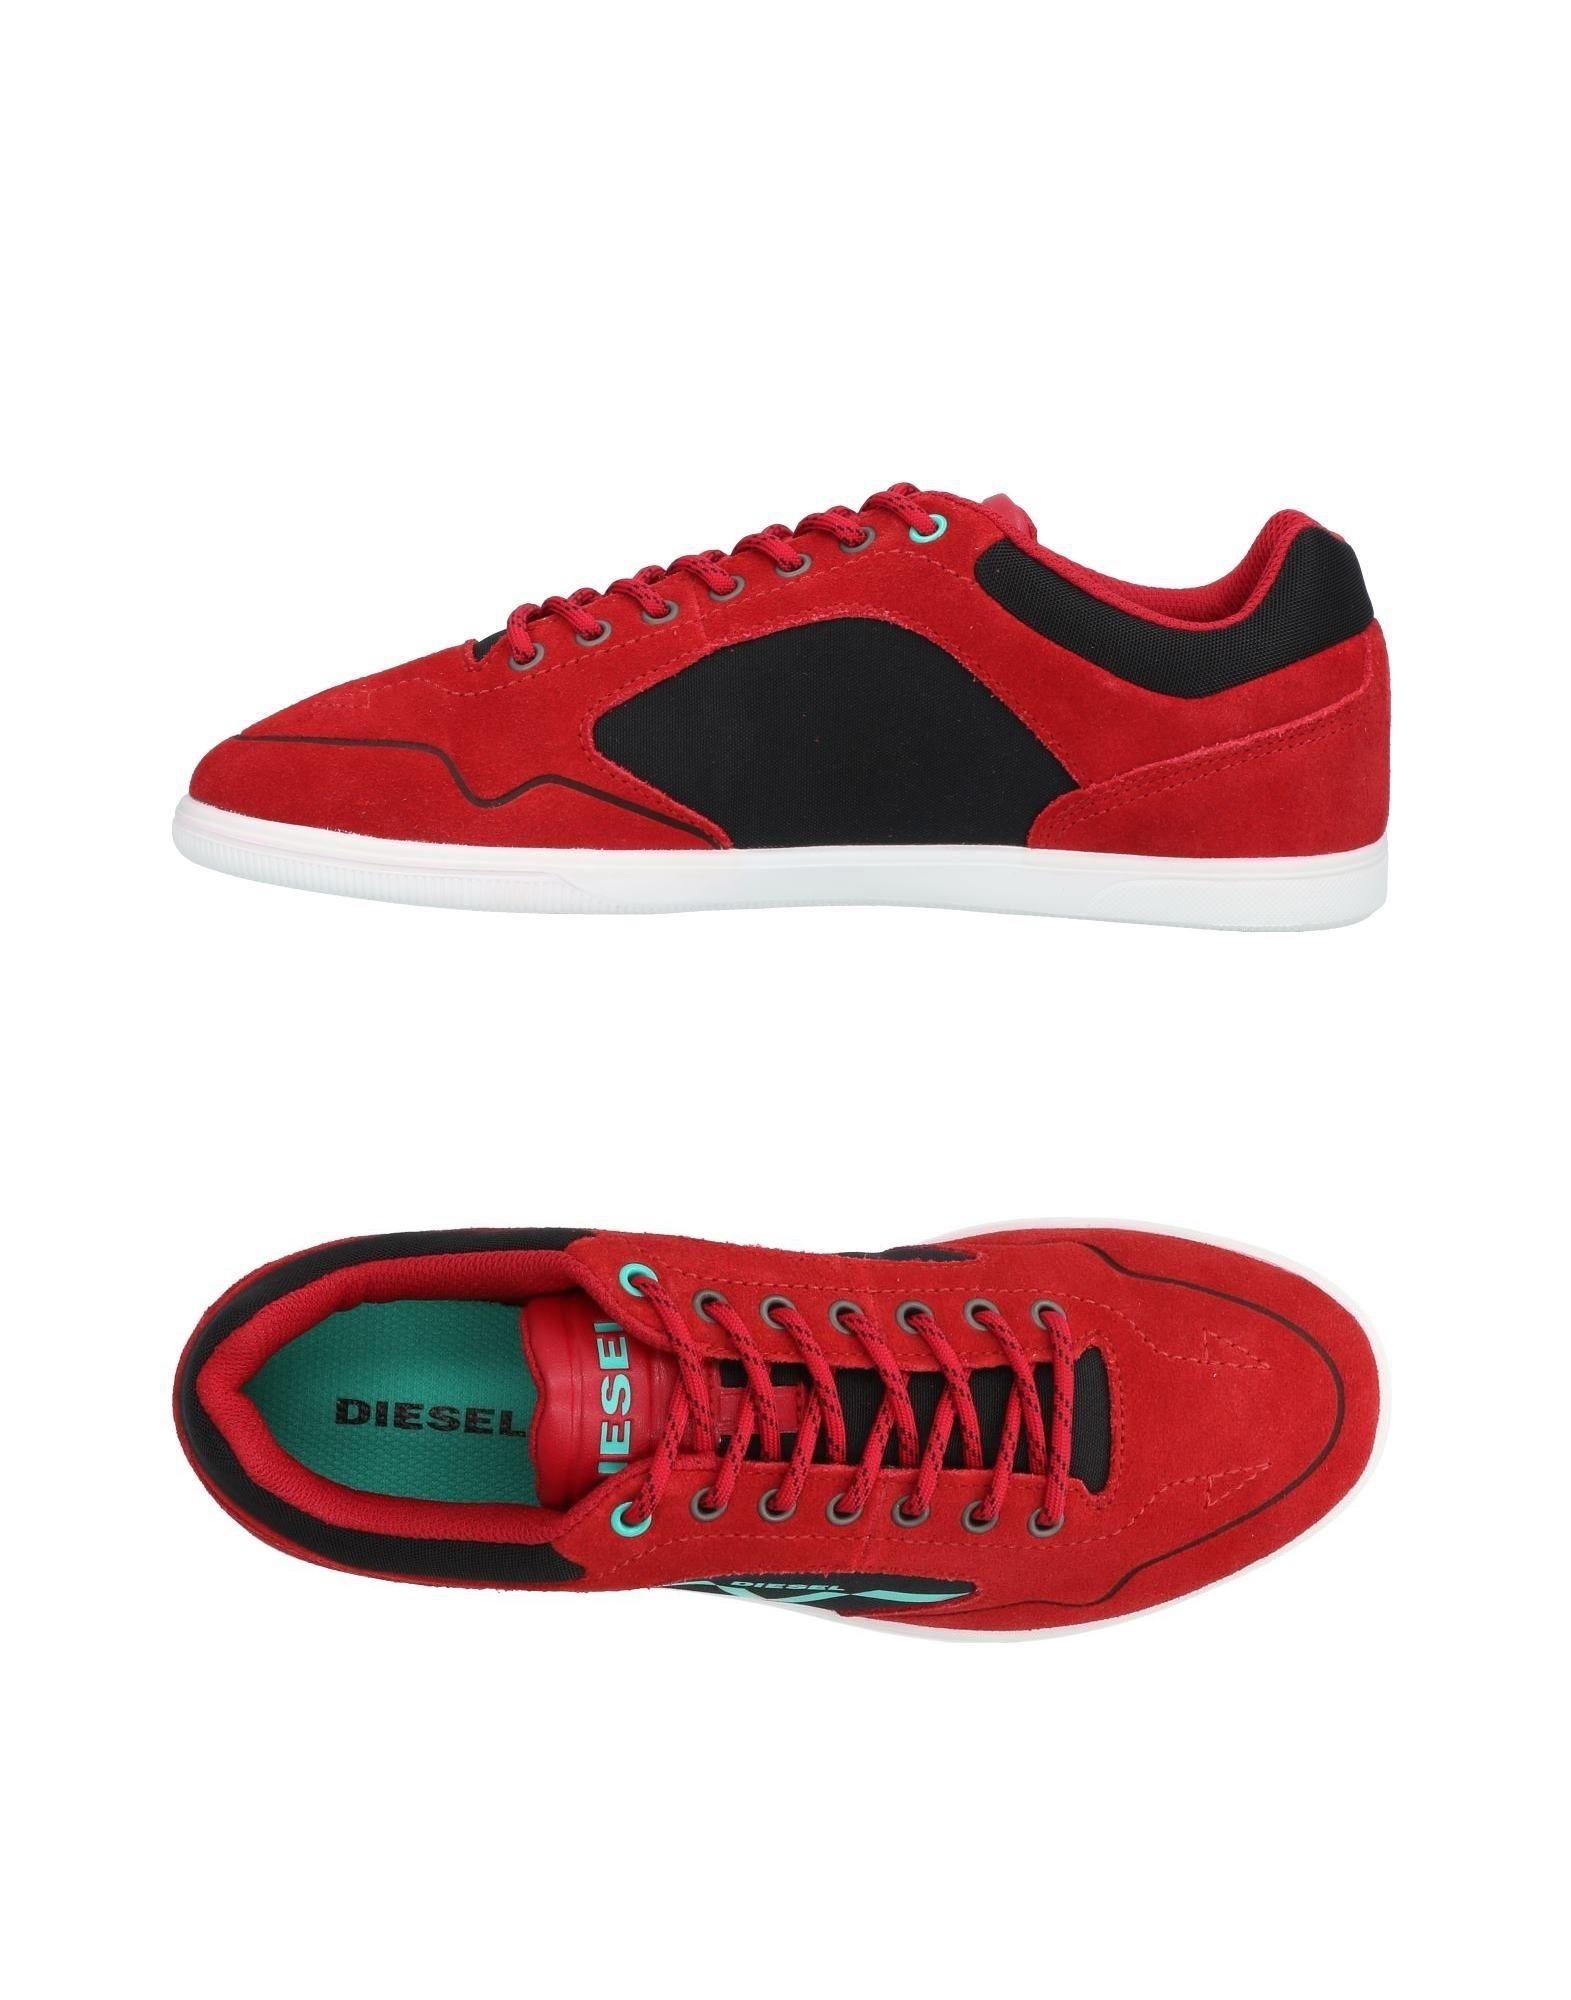 Baskets Diesel Homme - Baskets Diesel  Rouge Nouvelles chaussures pour hommes et femmes, remise limitée dans le temps